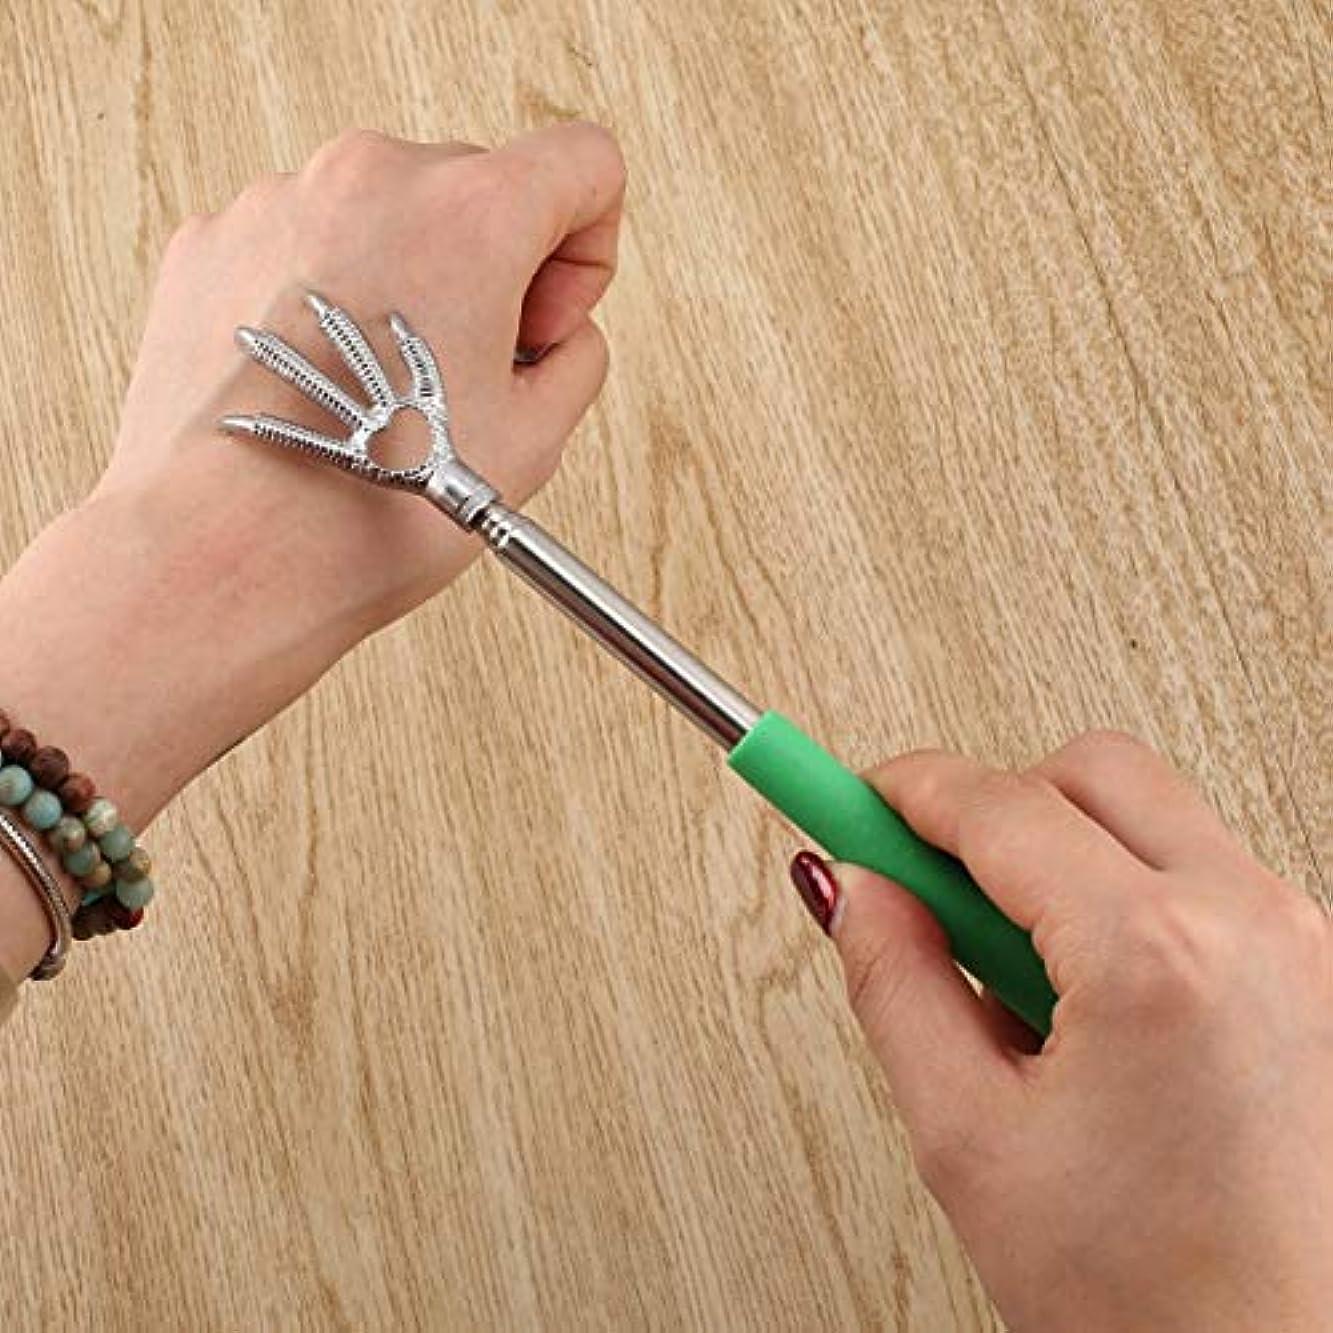 医療過誤センチメートル正午Compact Telescopic Claw Stainless Steel Massager Back Scratcher 22-58cm Adjustable Back Scratching Massage Hand...